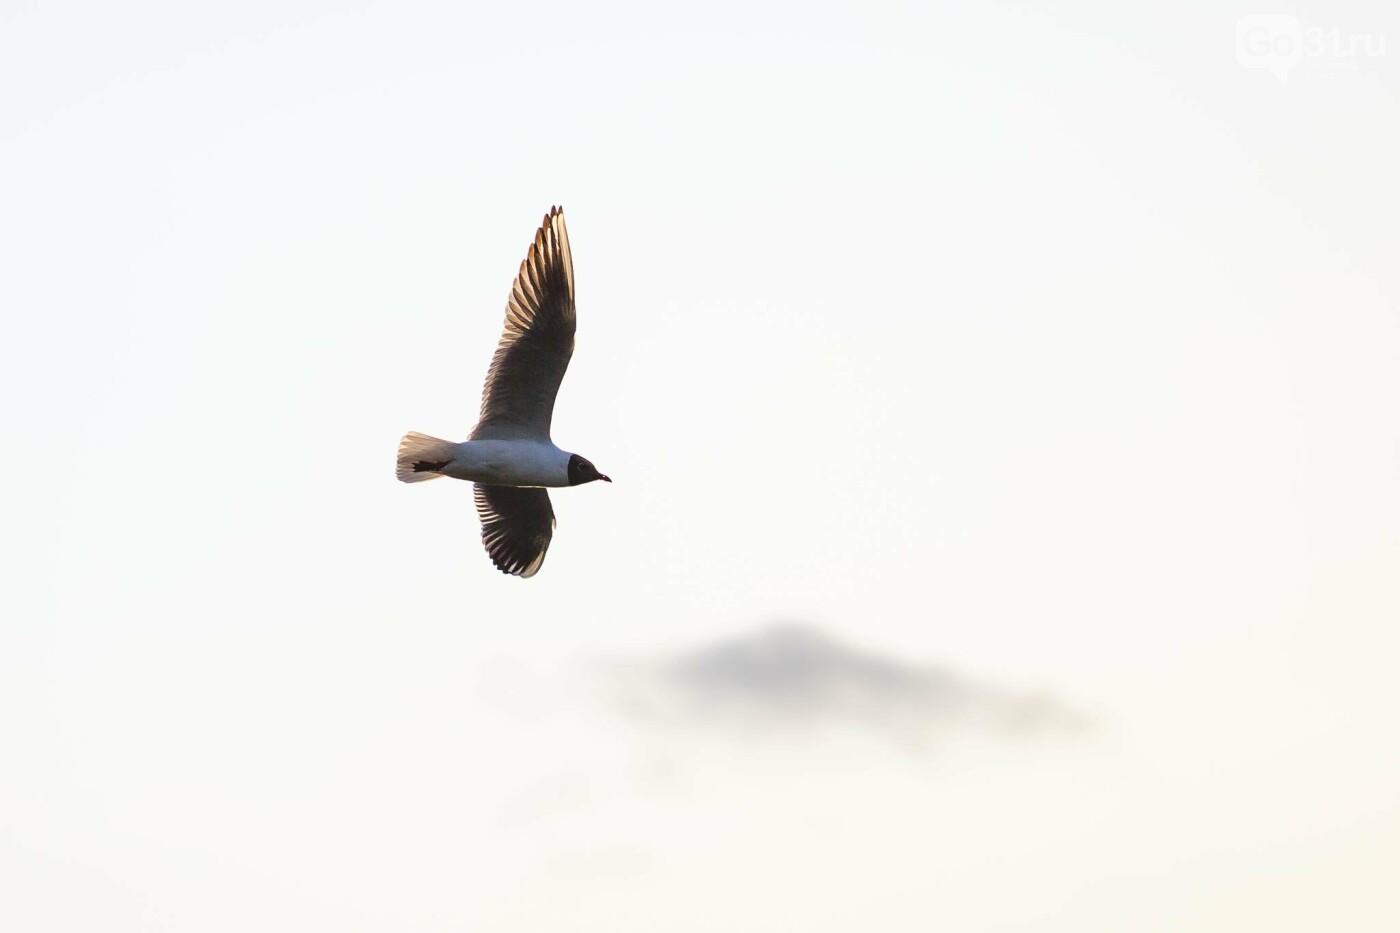 Пролетая над озером. В Белгороде чайки выбрали удобное место обитания, фото-22, Фото: Антон Вергун